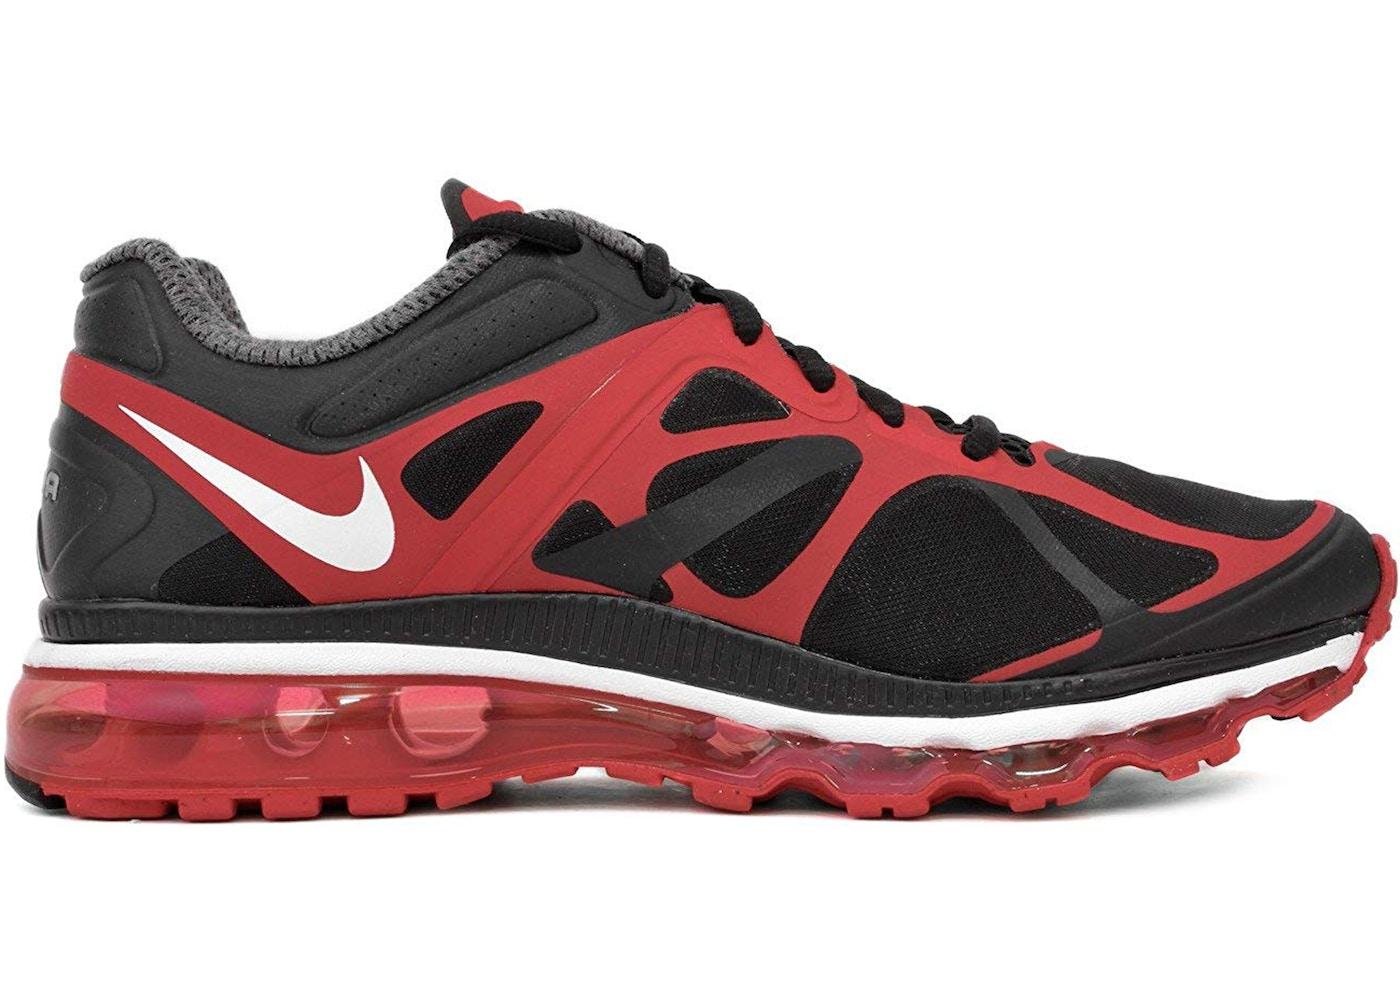 Nike Air Max 2012 Black Red - 487982-016